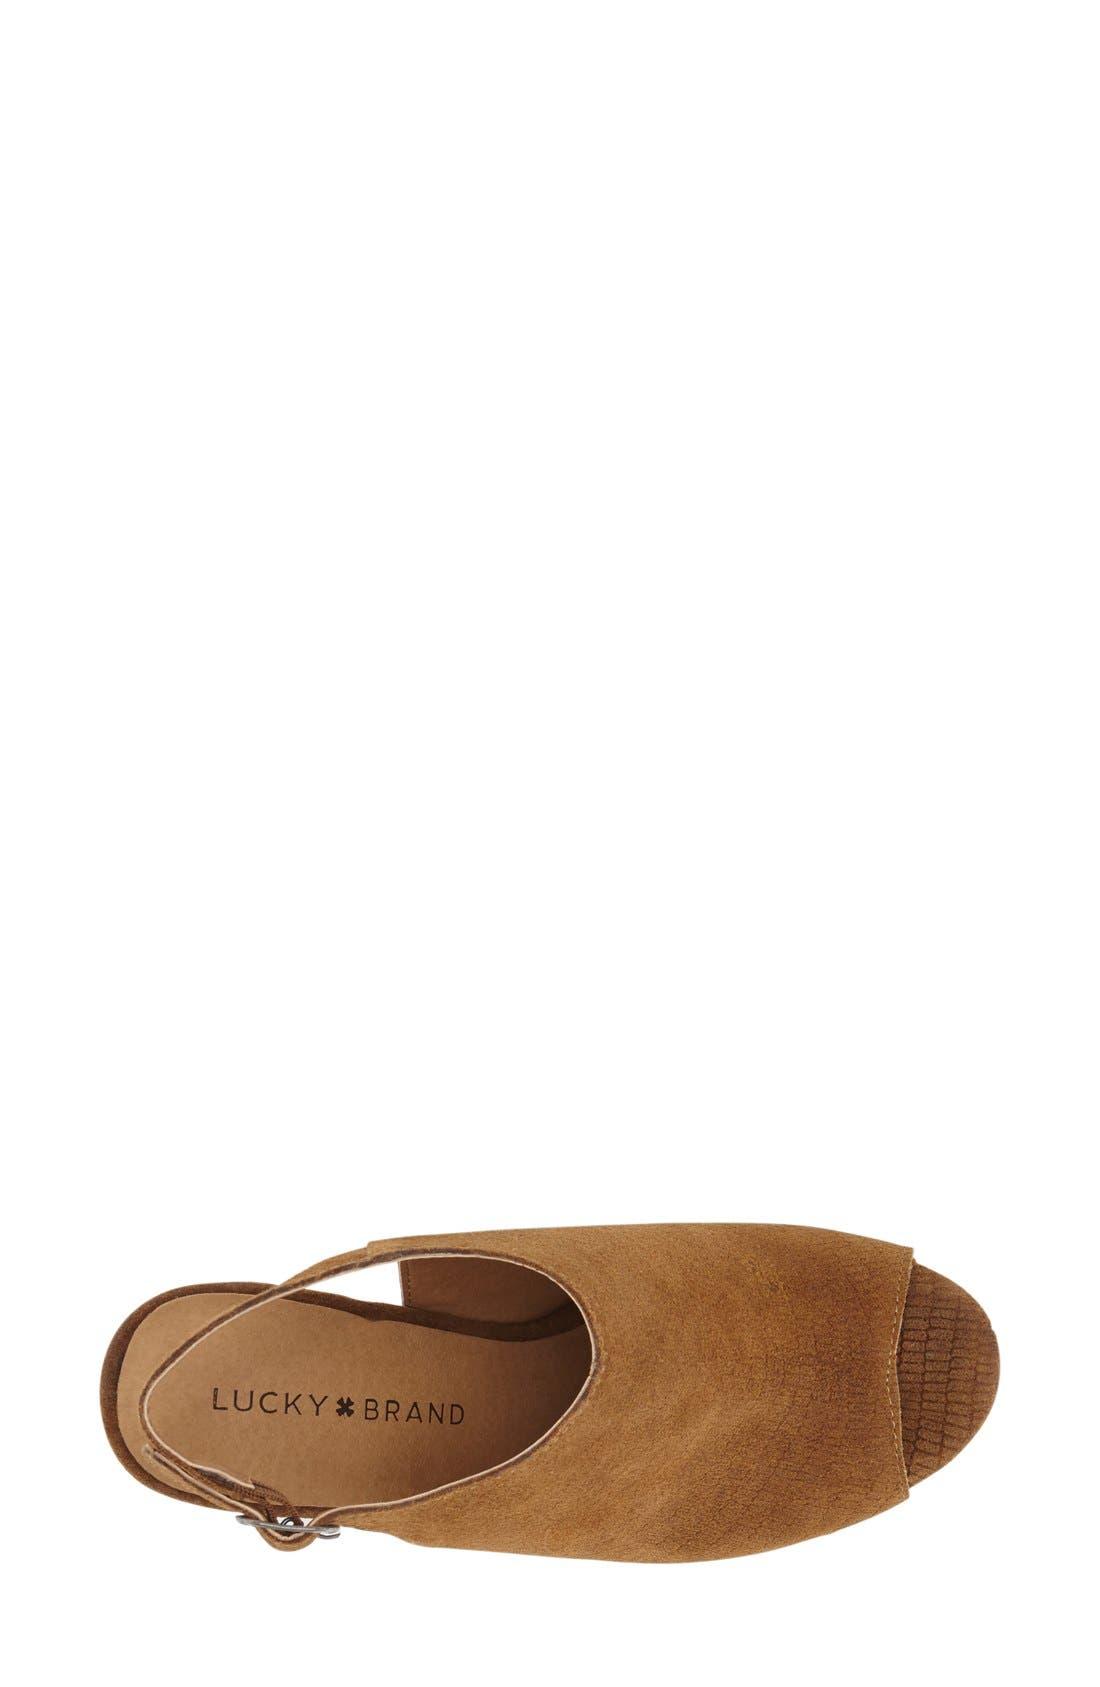 Alternate Image 3  - Lucky Brand 'Larae' Wedge Sandal (Women)